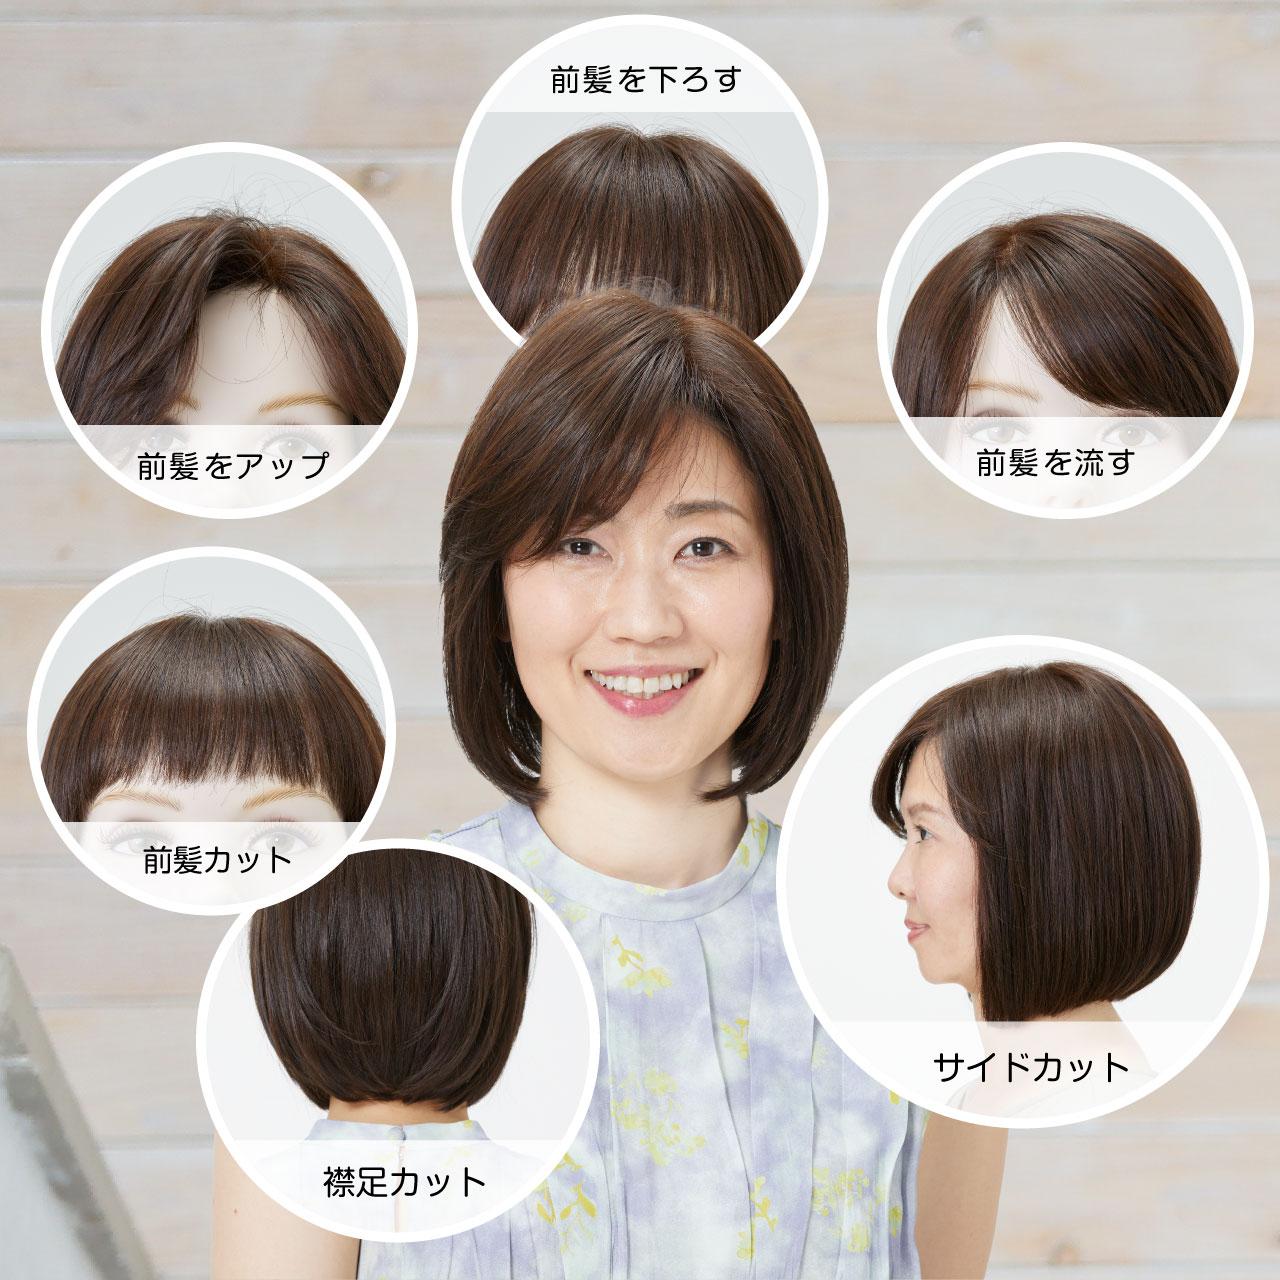 前髪をアップ・カット・流す・下ろす